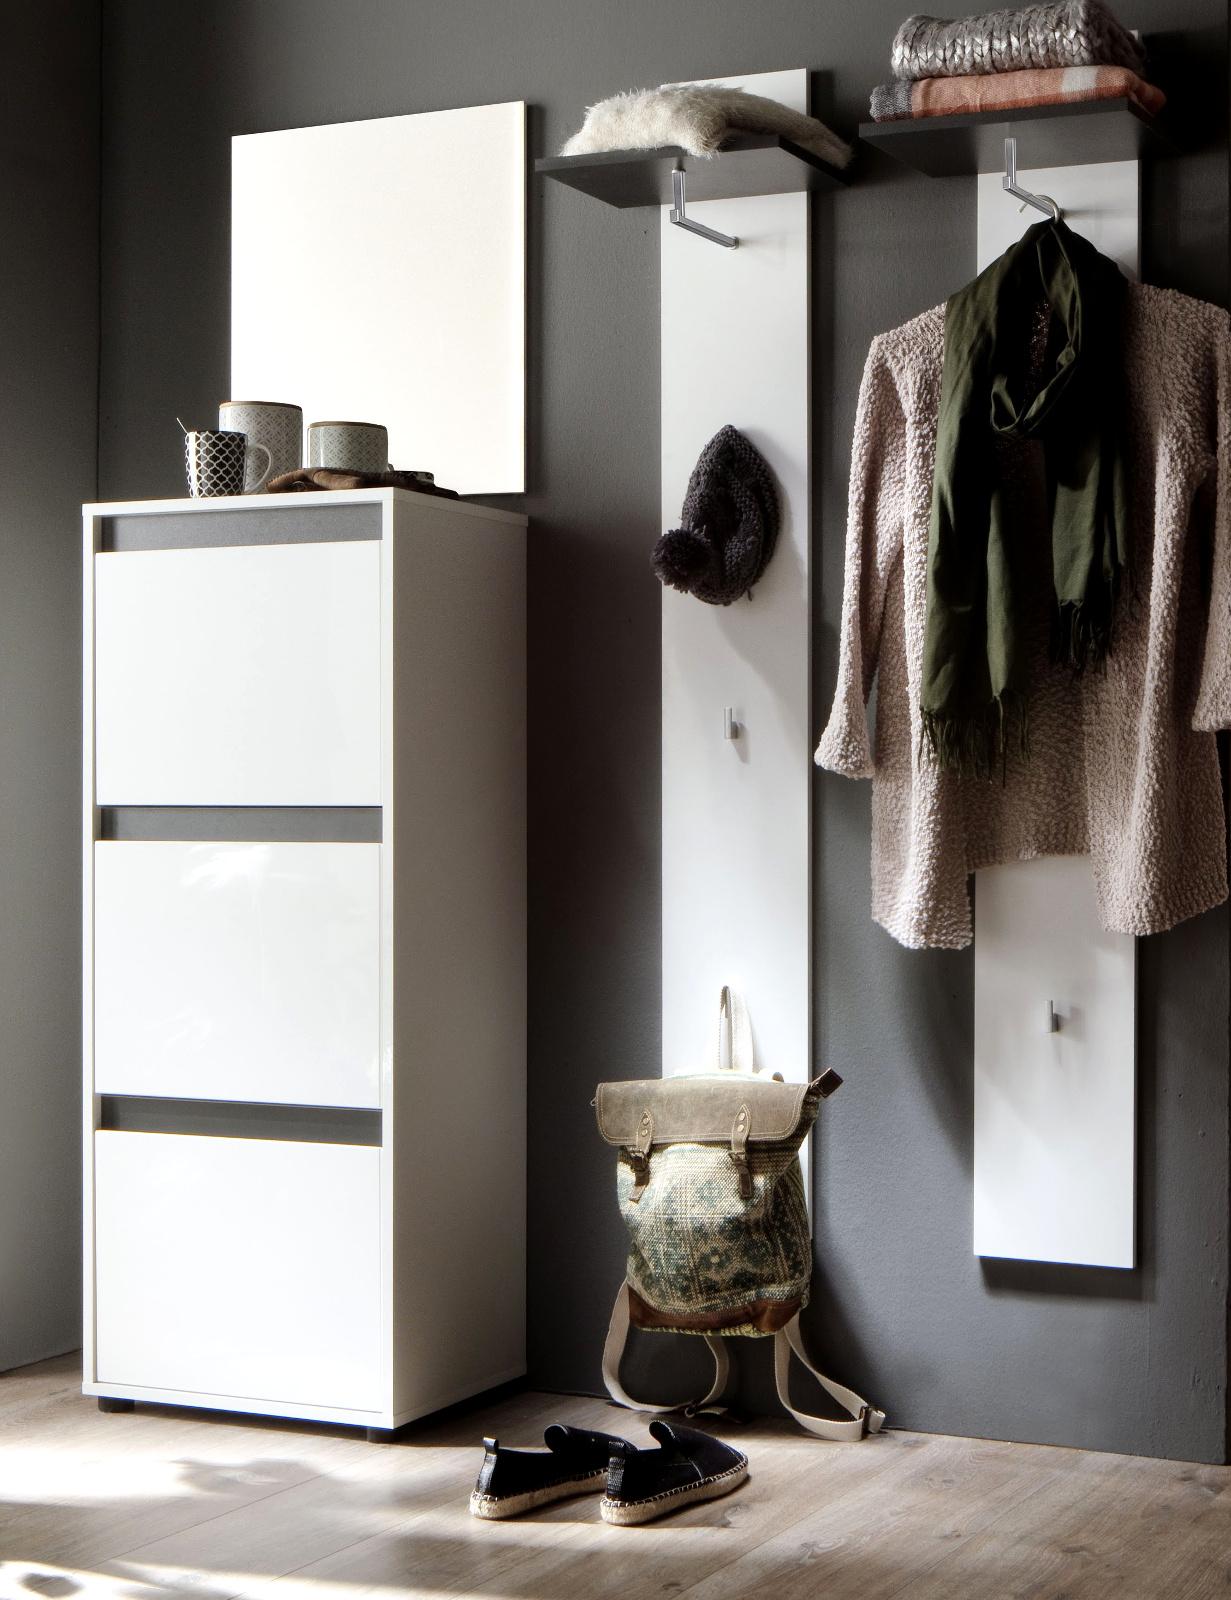 flurgarderobe sol lack hochglanz wei und grau dekor. Black Bedroom Furniture Sets. Home Design Ideas